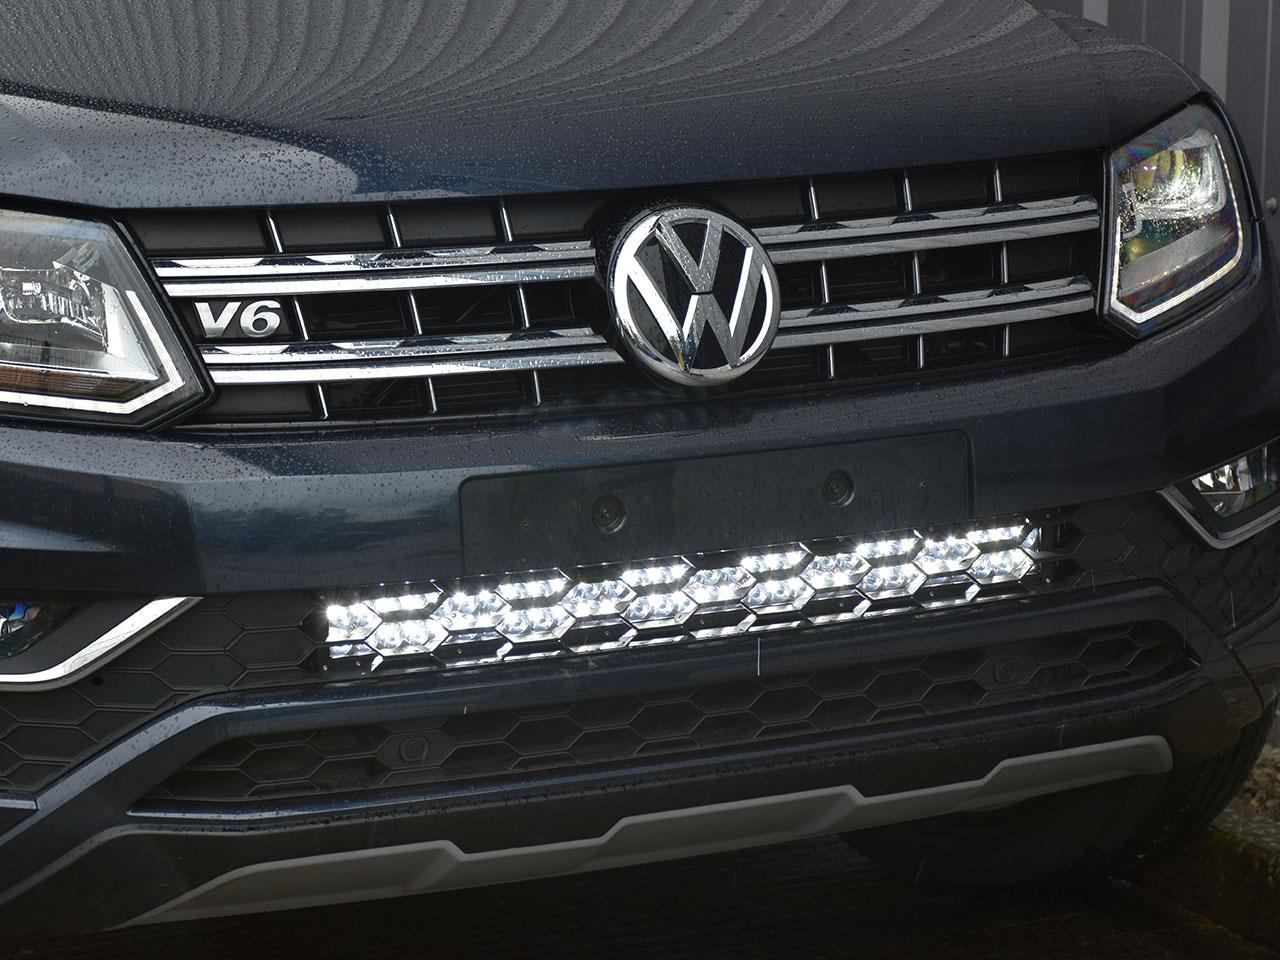 VW Amarok V6 Predator Vision Grille Light Bar Integration